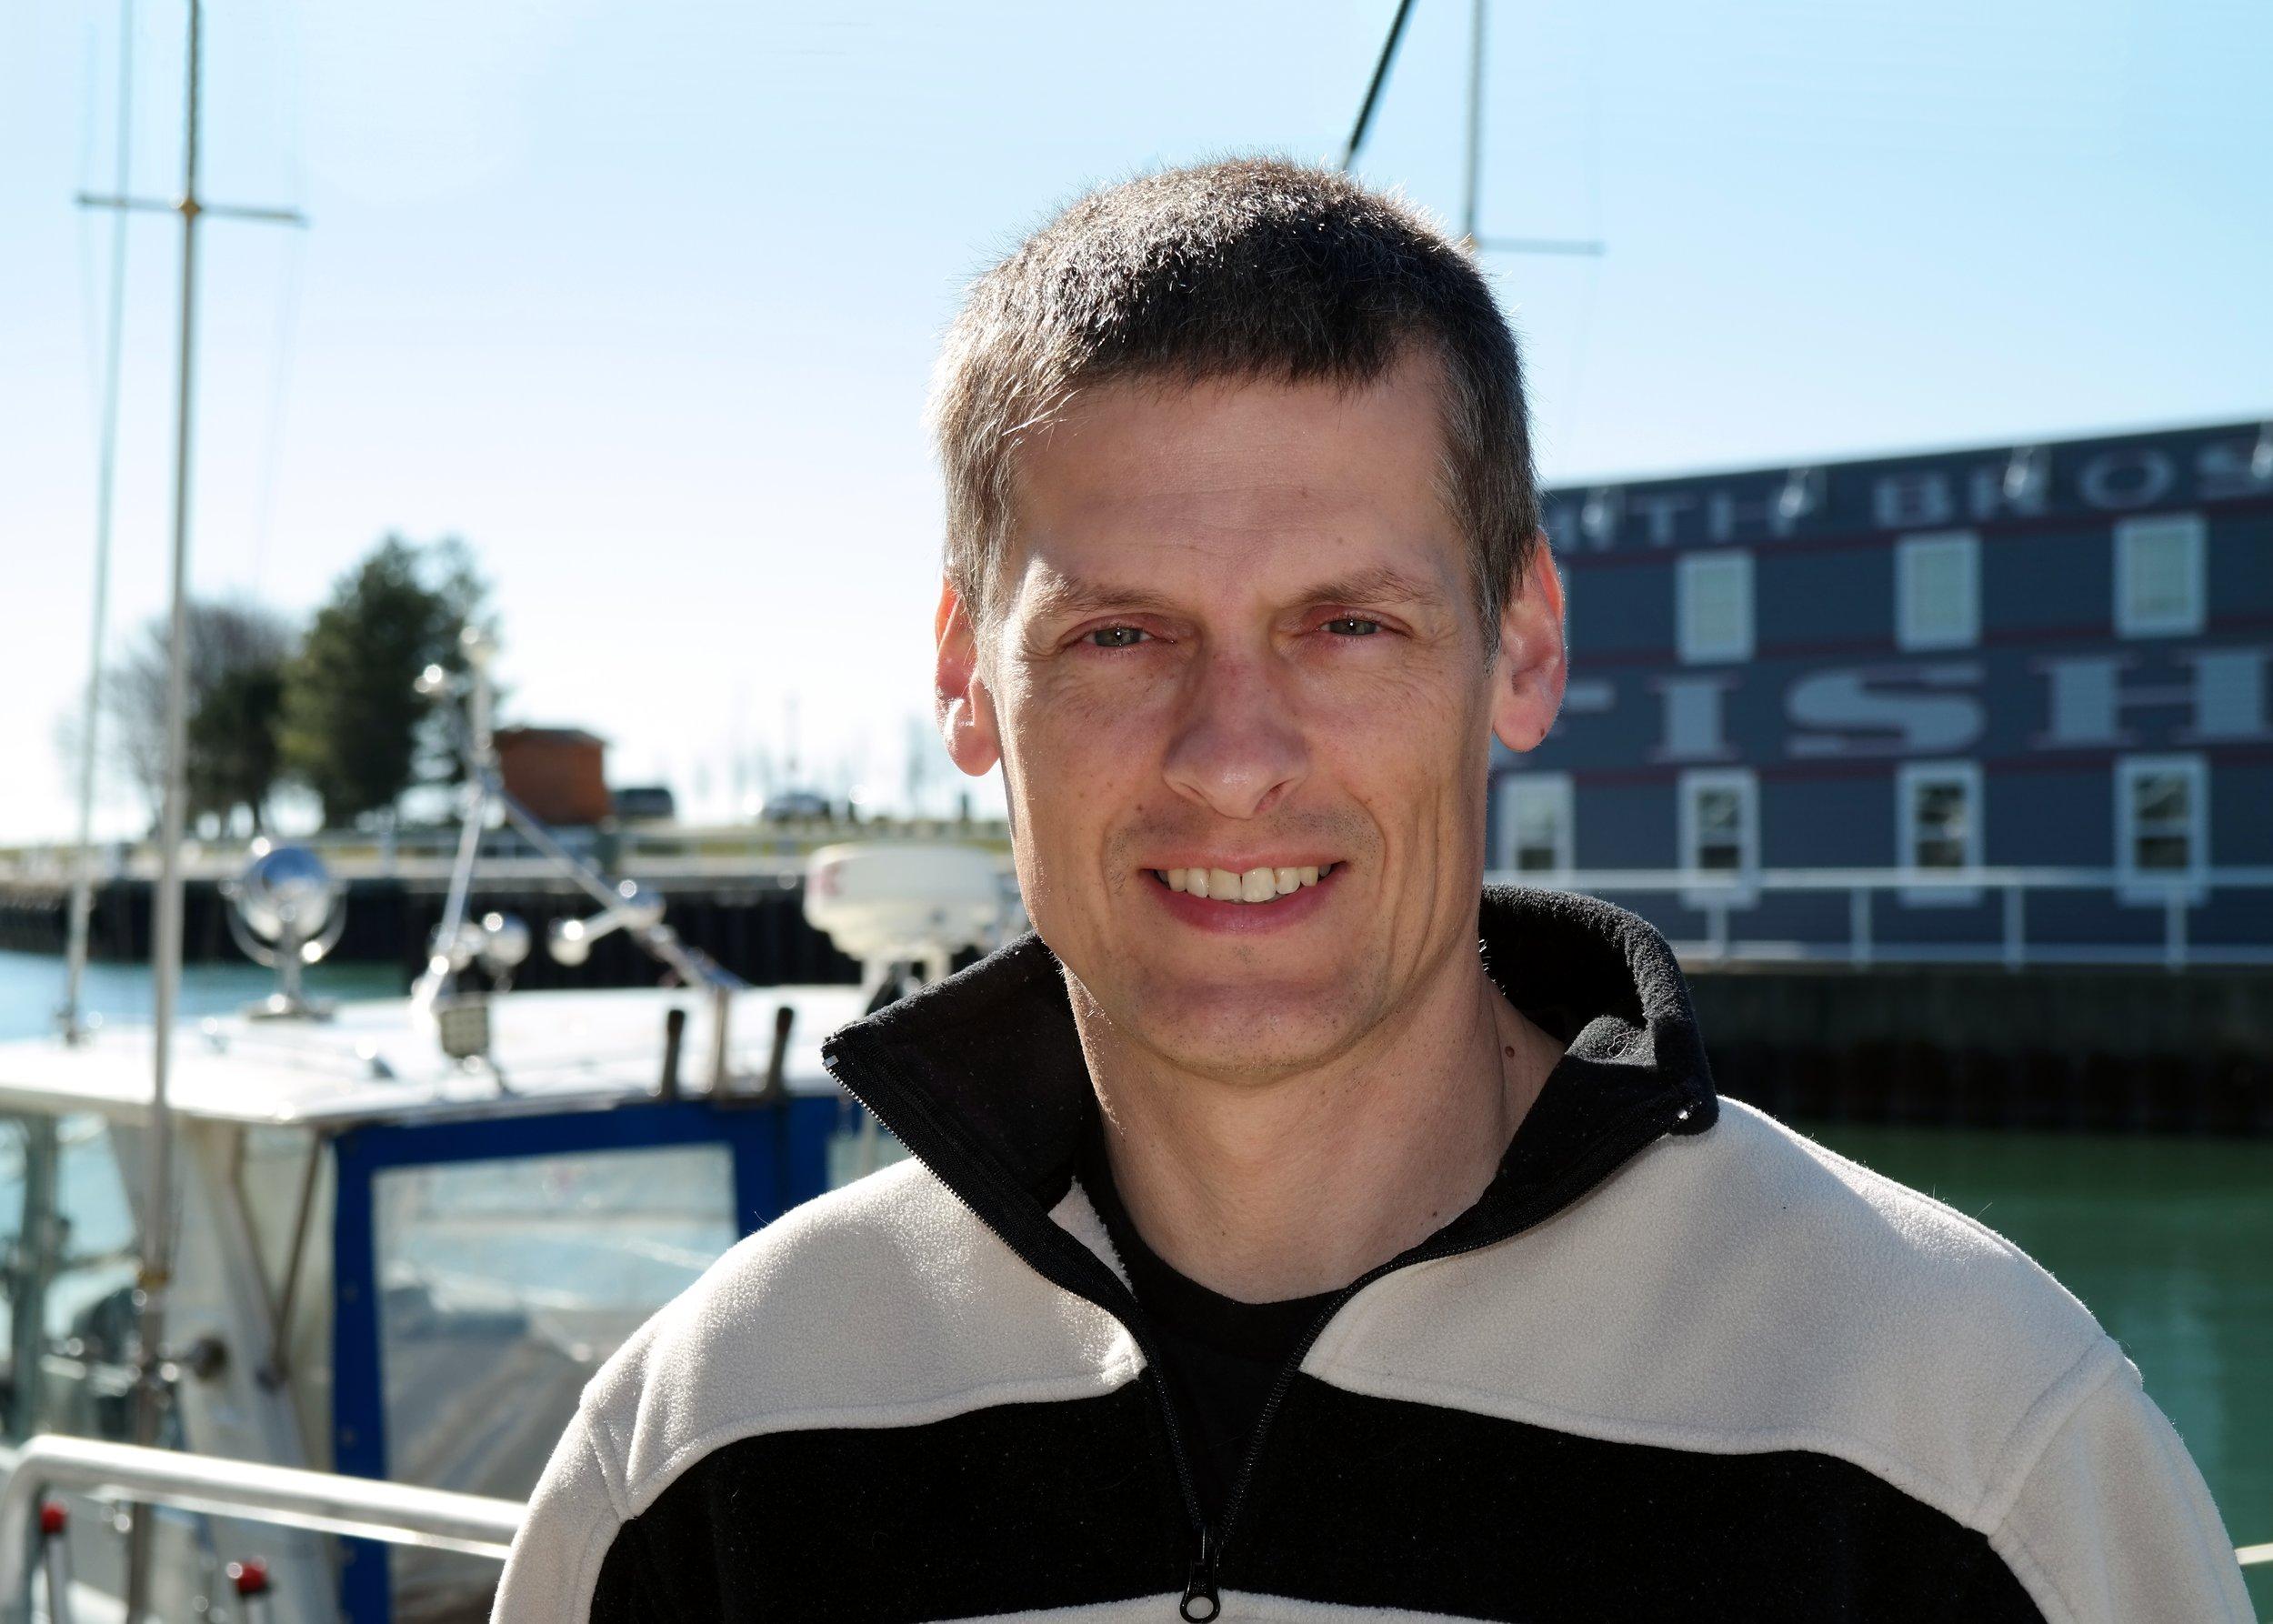 Steve Jeske